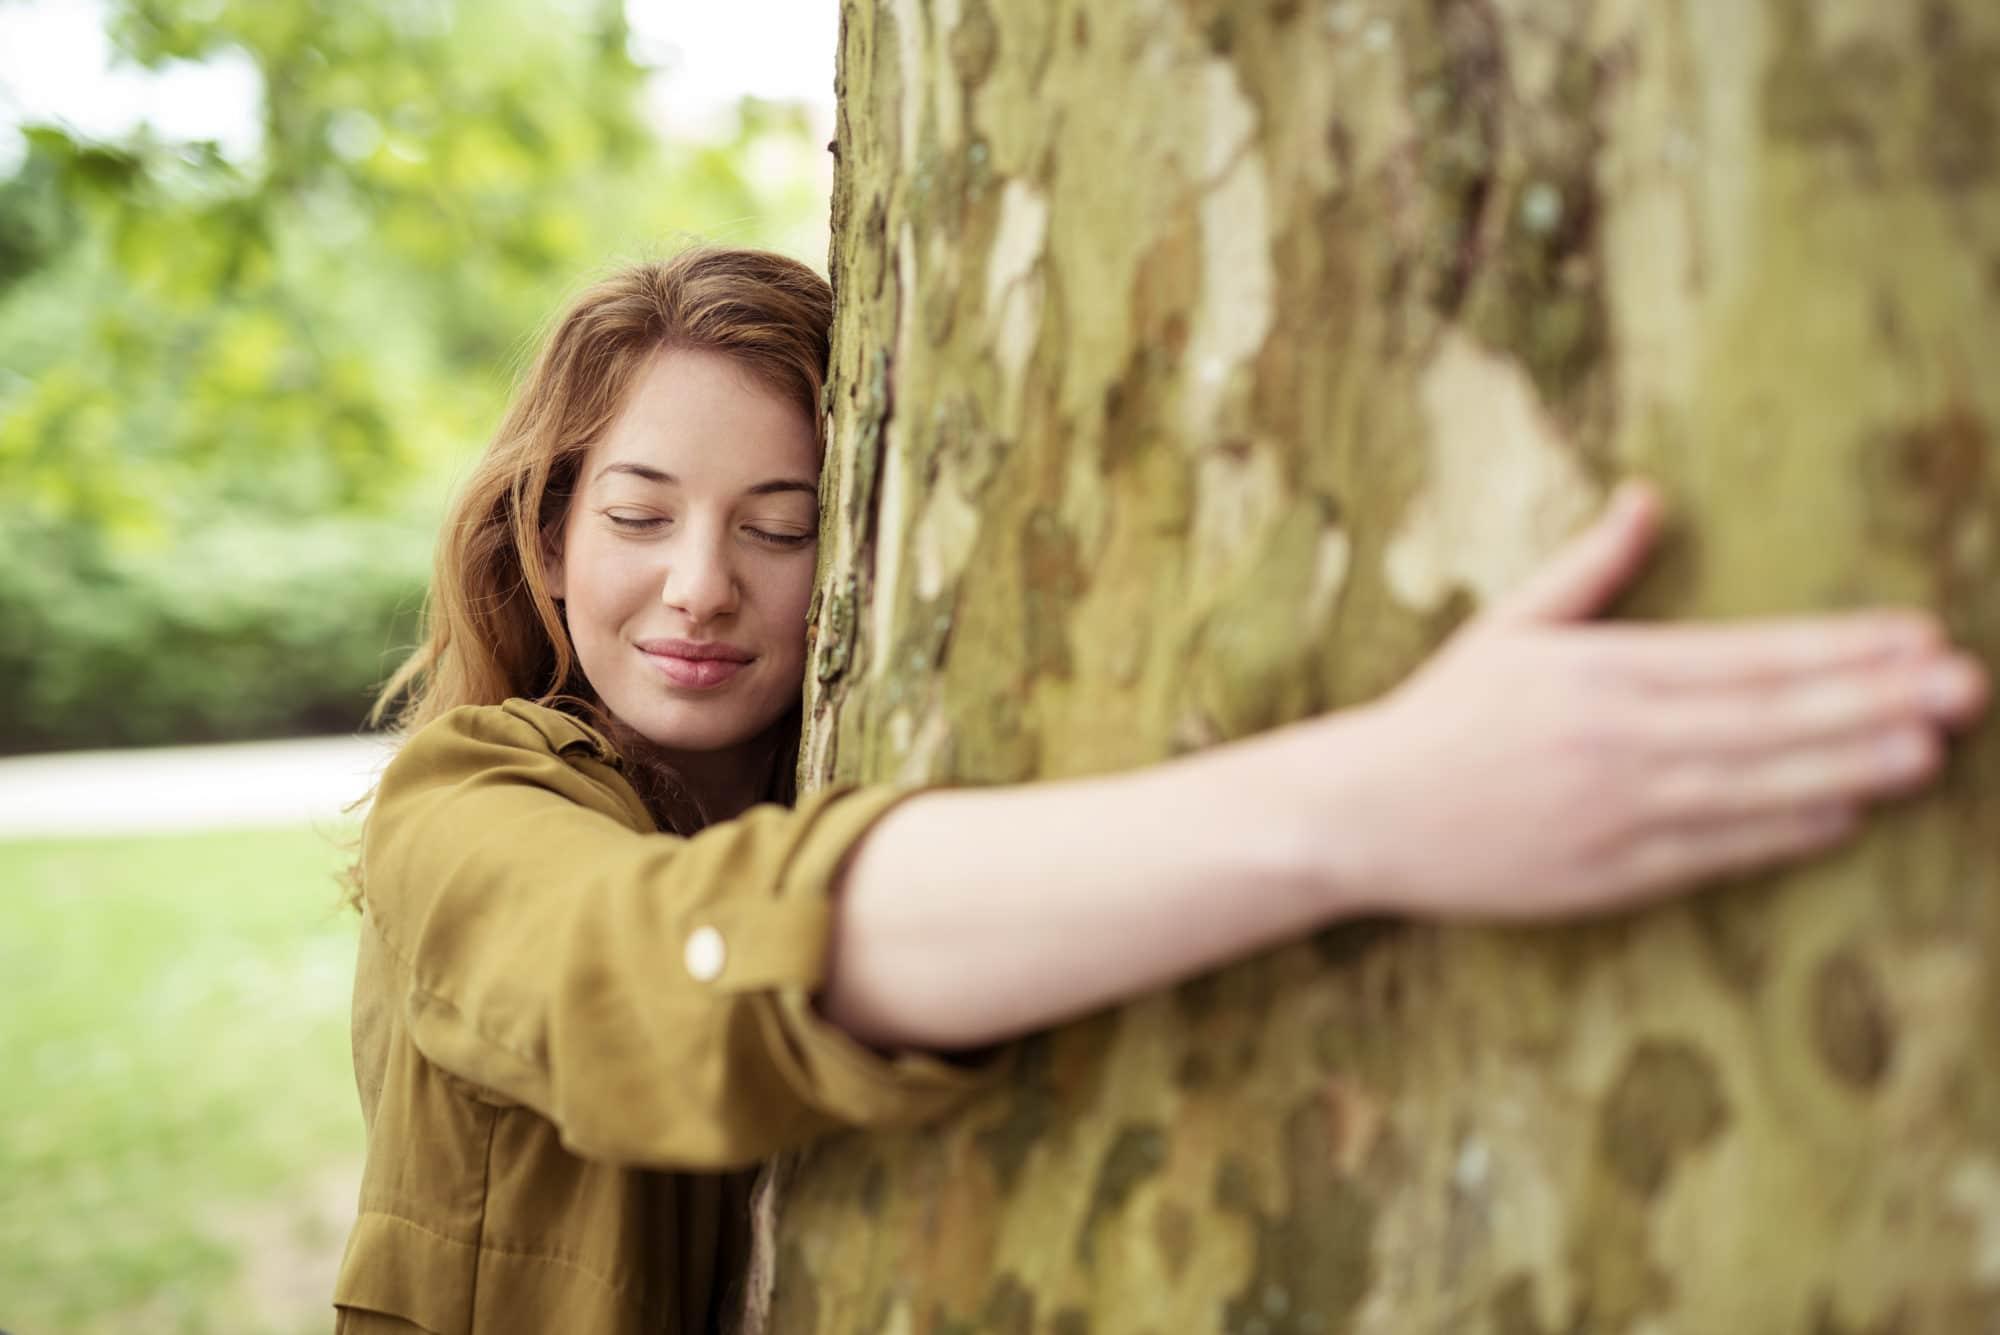 Jeune femme enlaçant un arbre, la joue contre le tronc